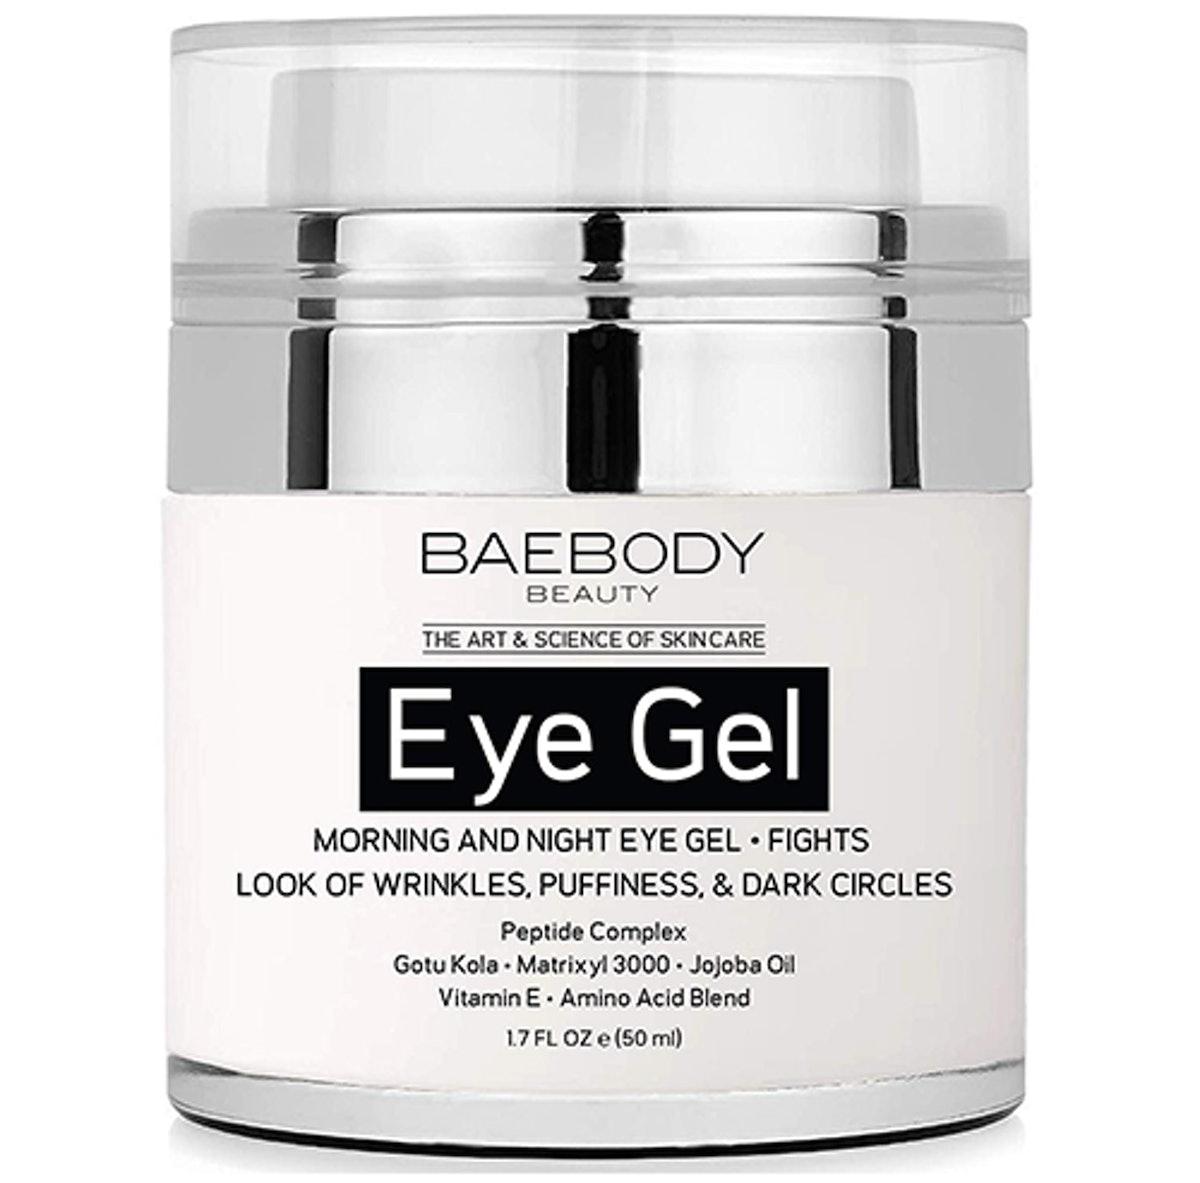 Baebody Beauty Eye Gel